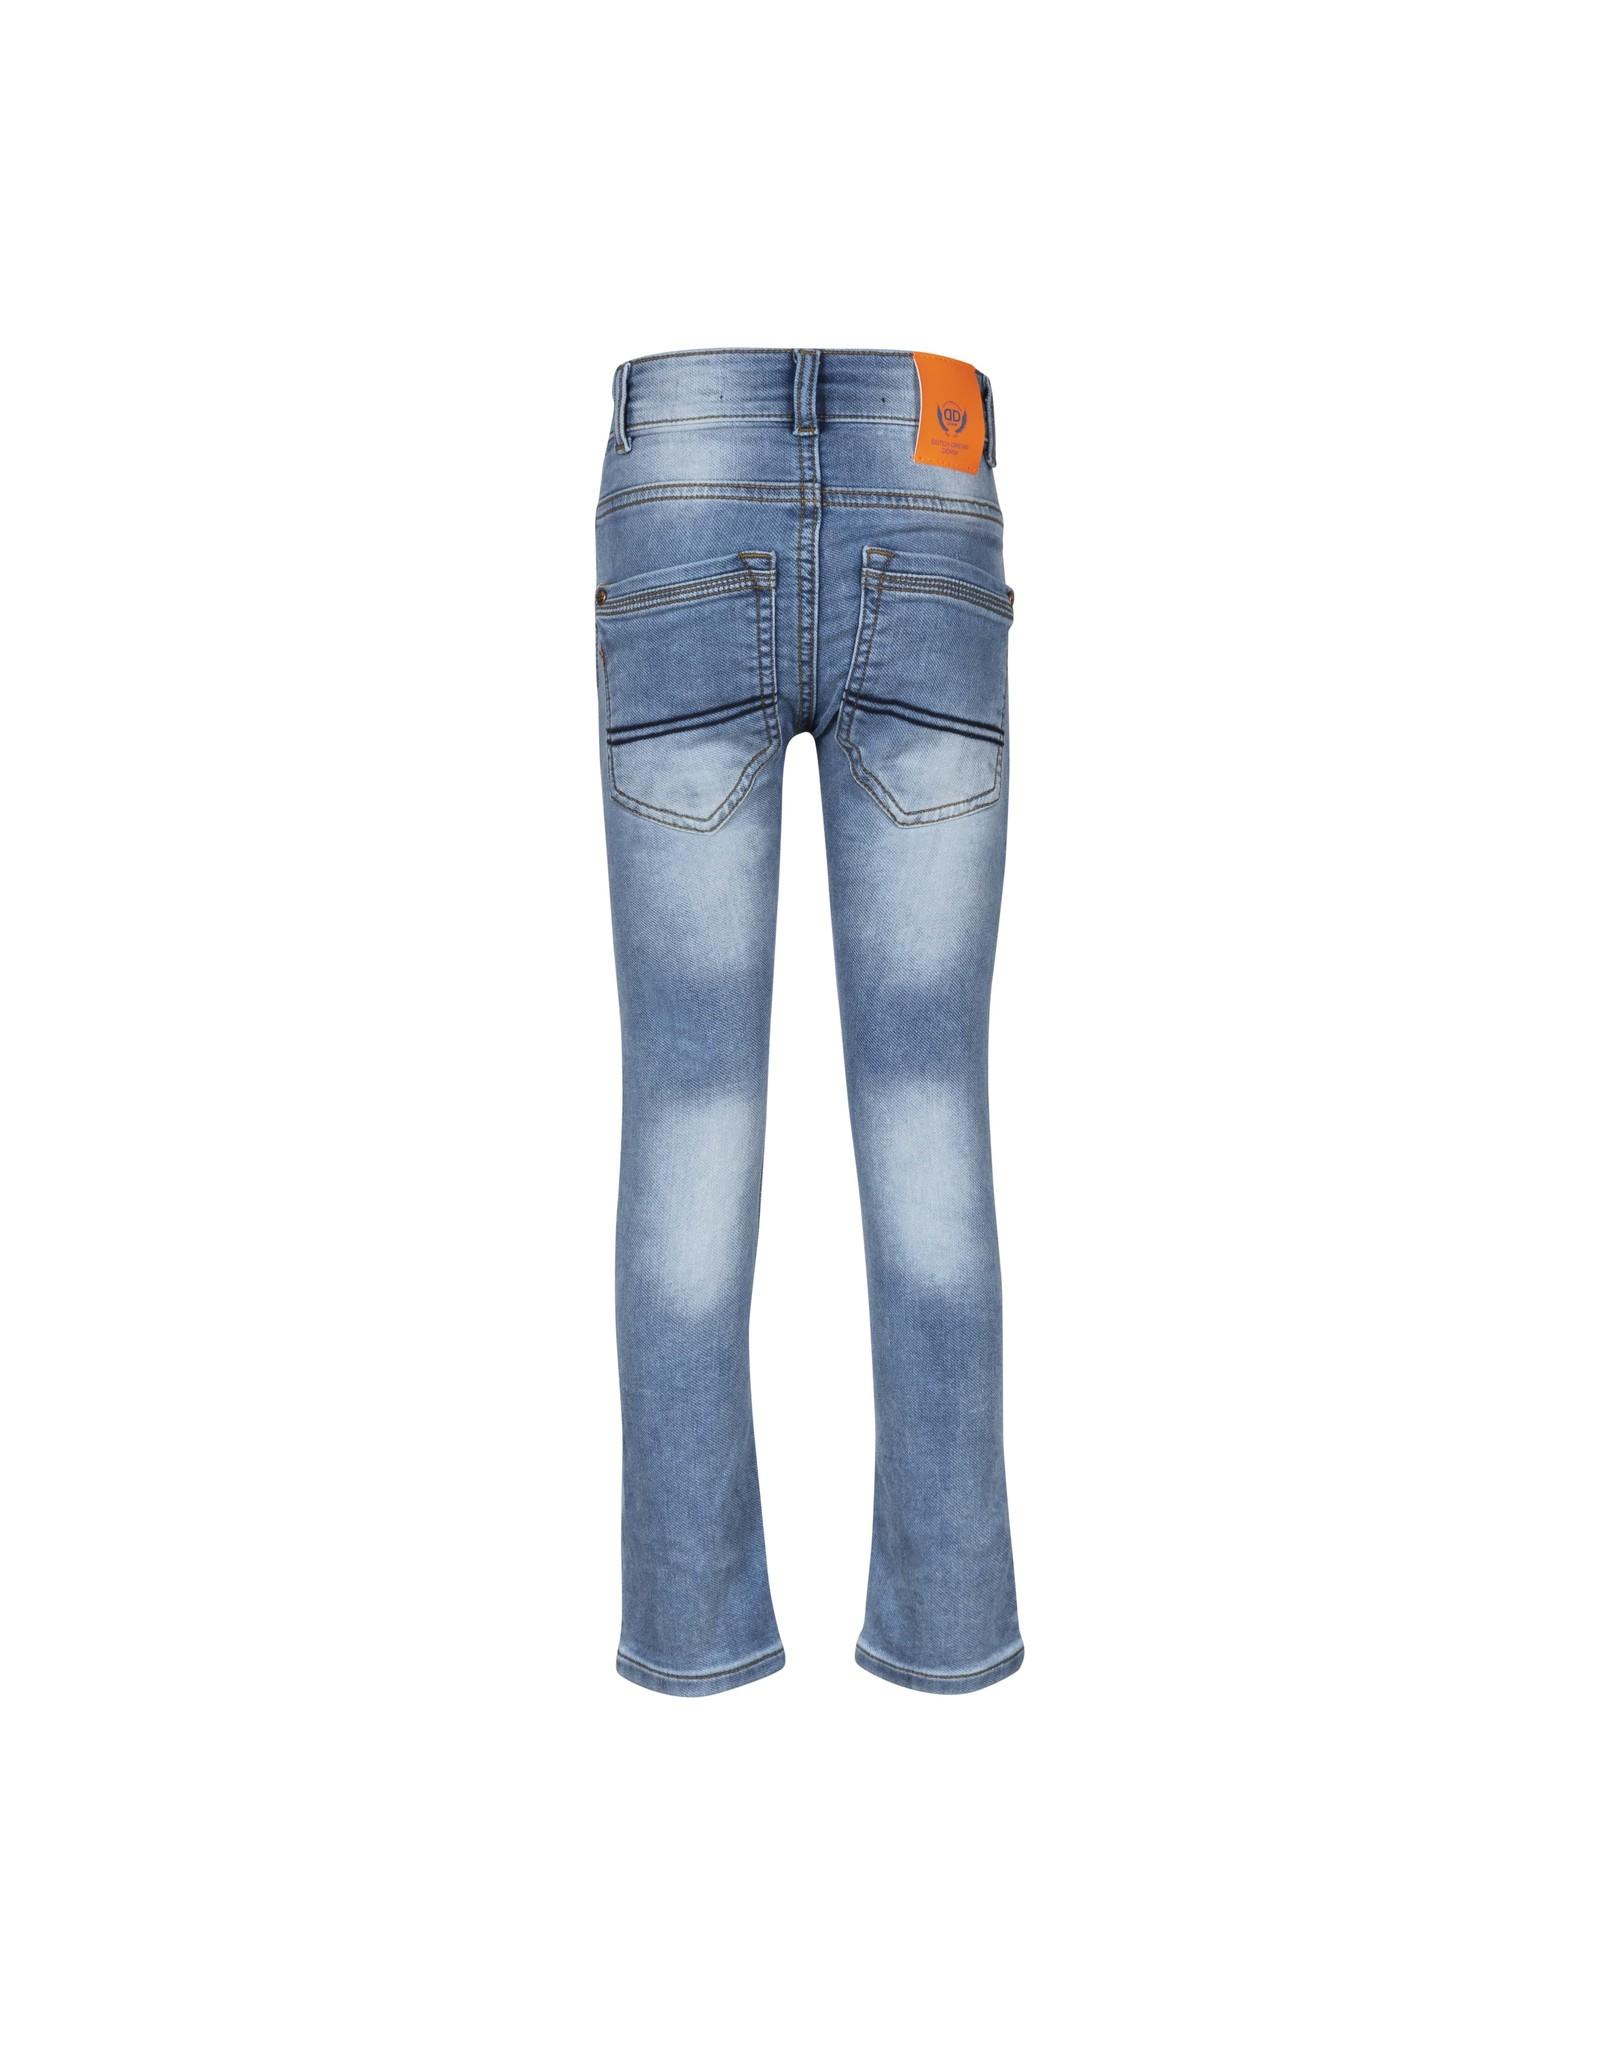 DDD DDD jongens slim fit jogg jeans Gumu Blue